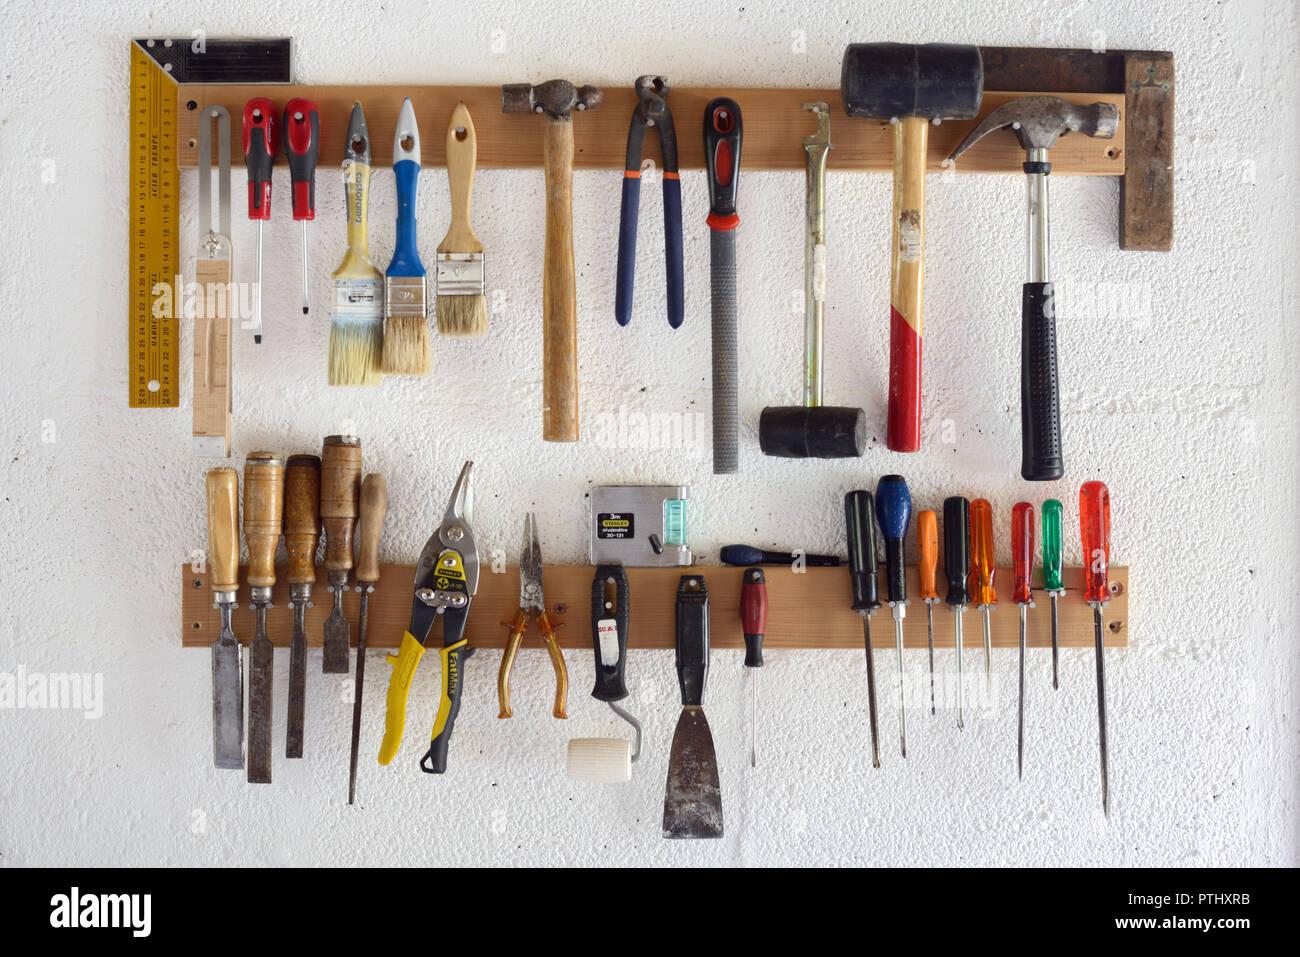 Outils à bois & Outils à main, y compris les tournevis, Pinceaux et marteaux en atelier ou garage Rack Outil à montage mural Photo Stock